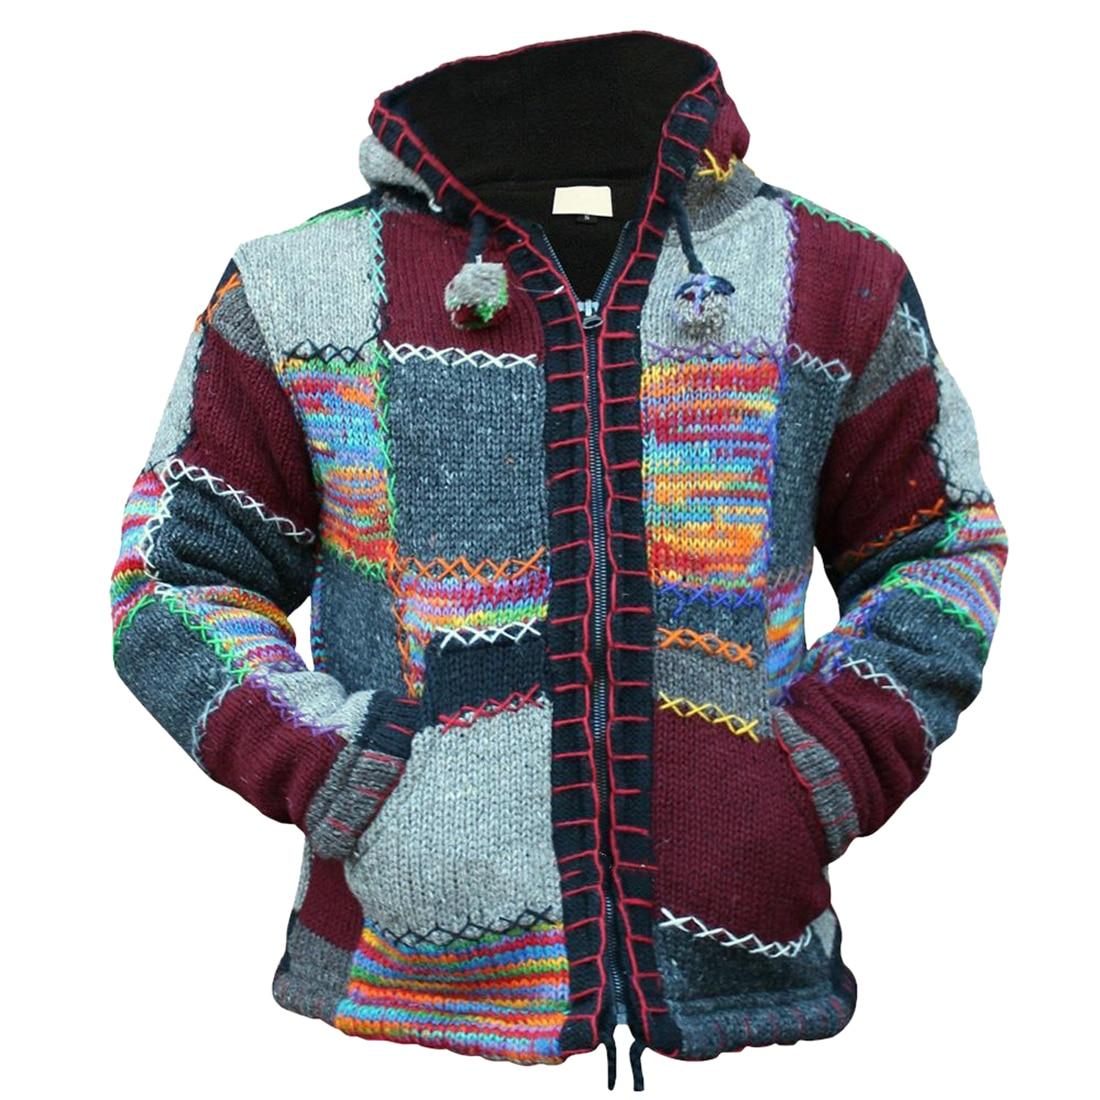 Осенне-весенний мужской вязаный свитер на молнии с капюшоном в стиле пэчворк, Осенний модный вязаный свитер, повседневное пальто Casaco Masculina